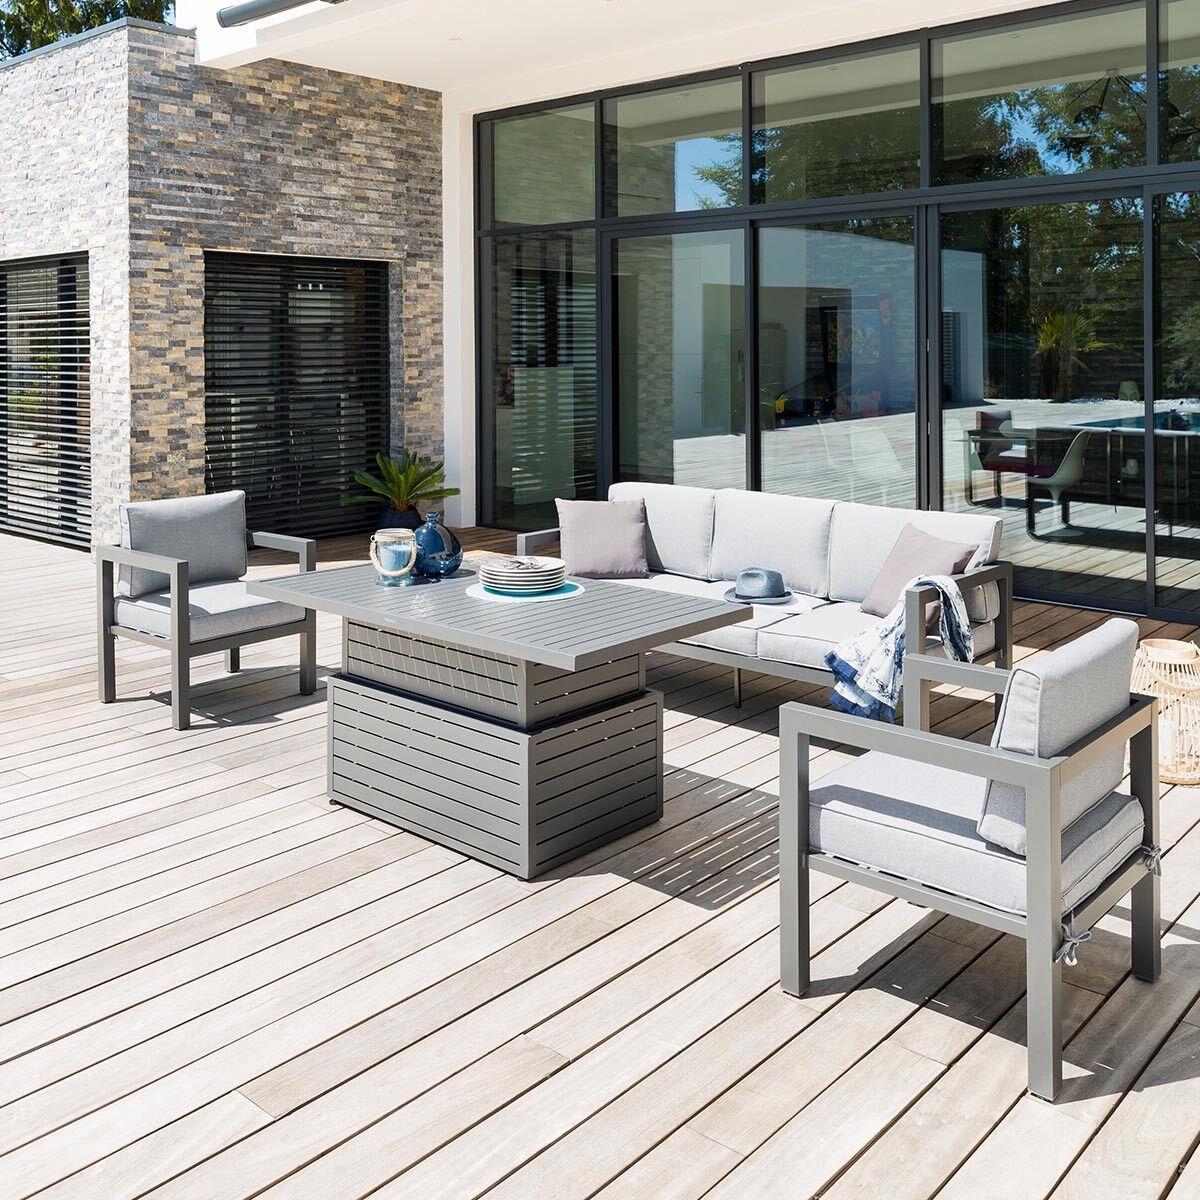 Hespéride Table basse rectangulaire relevable Alteza Graphite Jardin 147 x 79 x 45/69 cm - Aluminium traité époxy